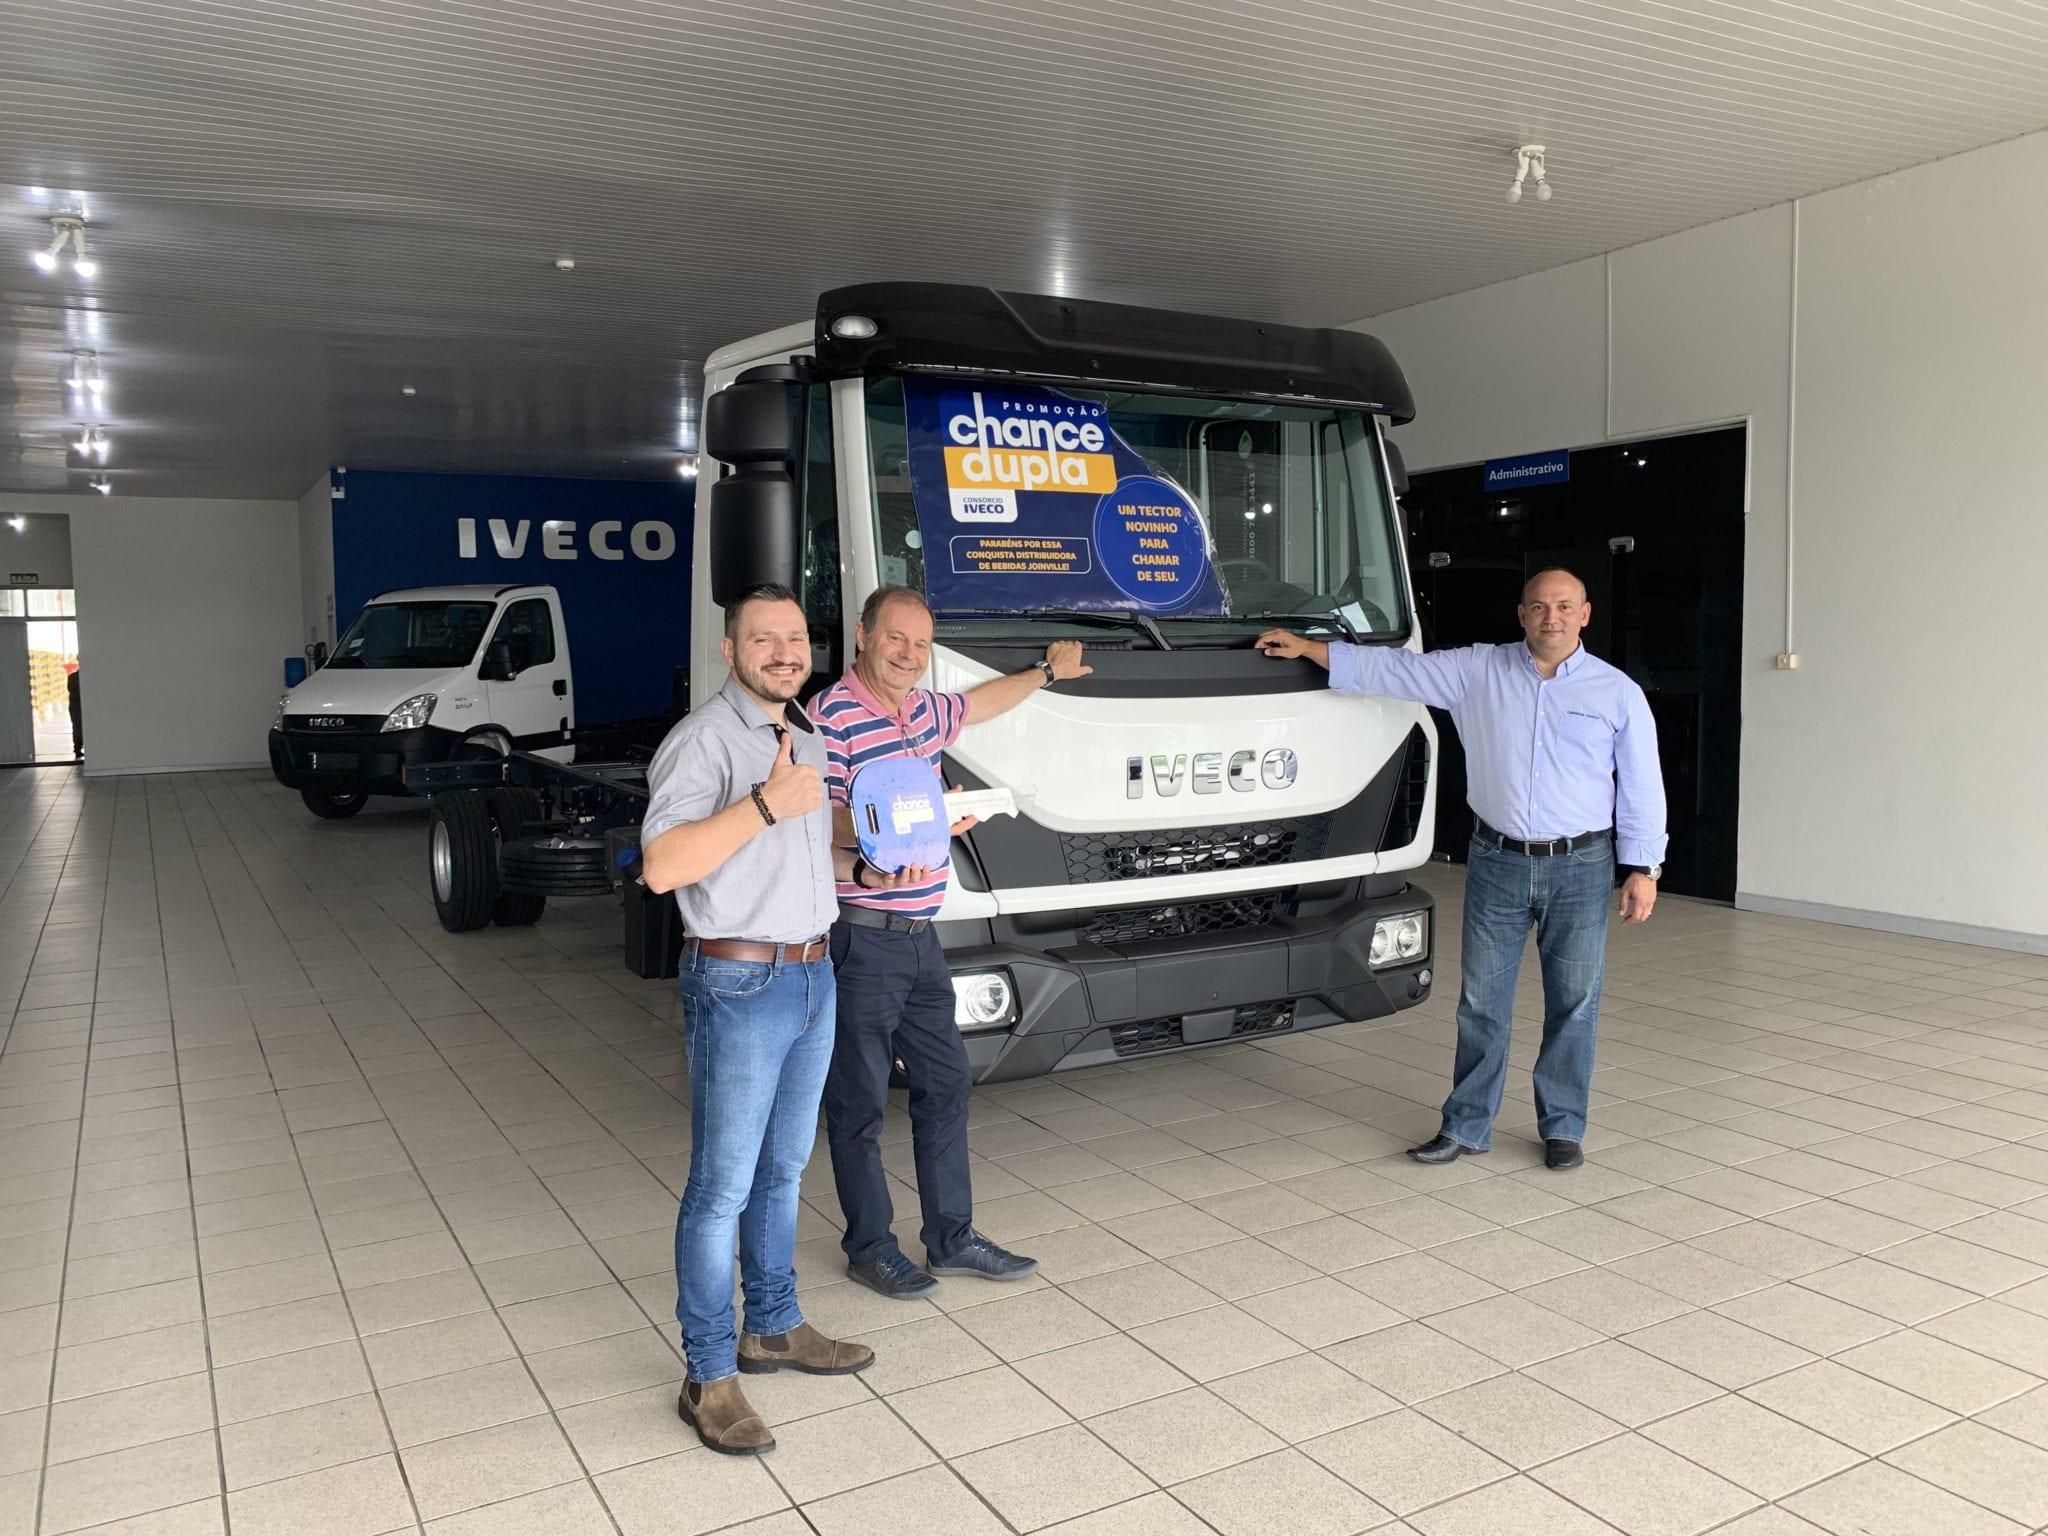 Cliente da Carboni Iveco de Joinville é ganhador da promoção Chance Dupla unnamed3